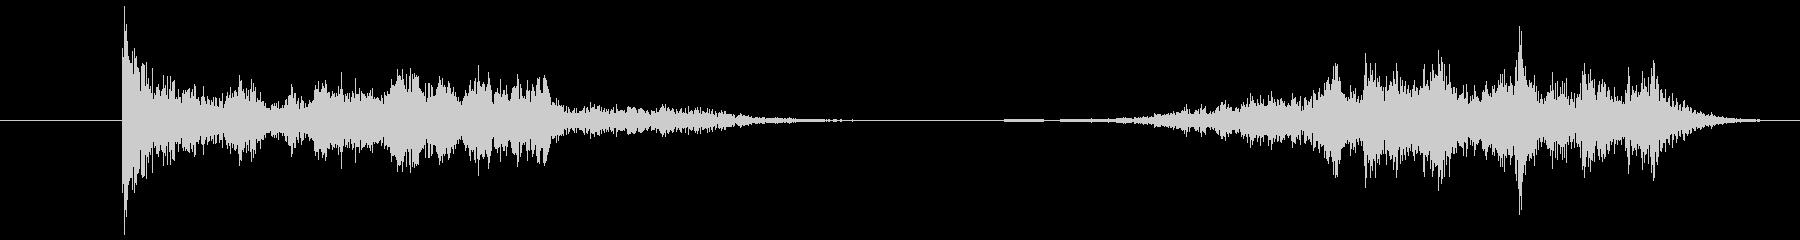 2本の剣:ストライクアンドスクレイ...の未再生の波形